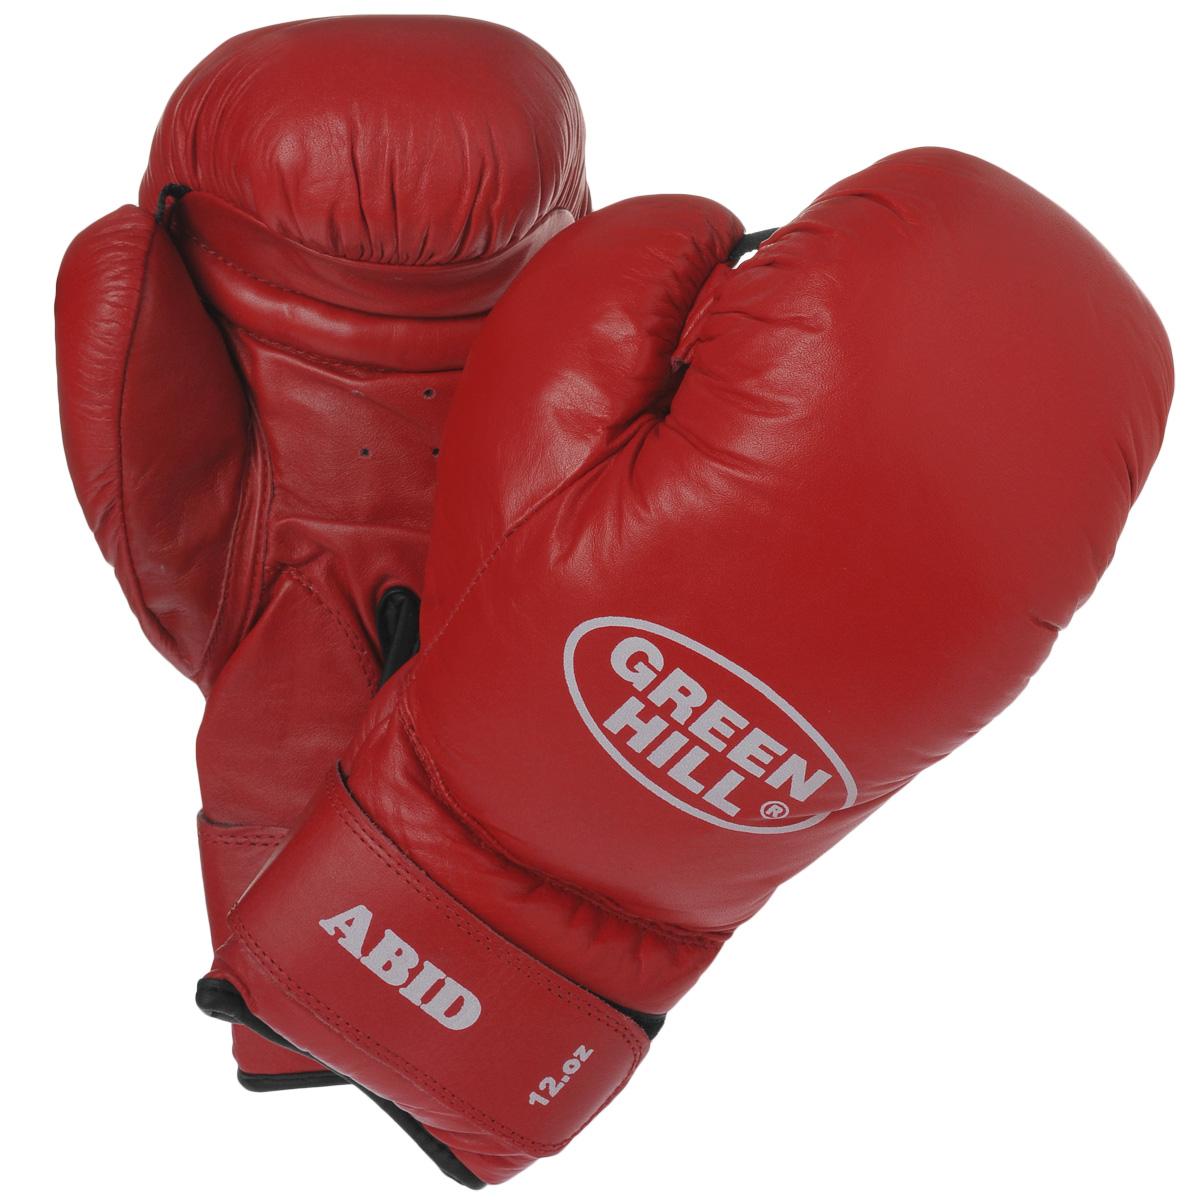 Перчатки боксерские Green Hill Abid, цвет: красный. Вес 12 унцийBGA-2024Боксерские тренировочные перчатки Green Hill Abid выполнены из натуральной кожи. Они отлично подойдут для начинающих спортсменов. Мягкий наполнитель из очеса предотвращает любые травмы. Широкий ремень, охватывая запястье, полностью оборачивается вокруг манжеты, благодаря чему создается дополнительная защита лучезапястного сустава от травмирования. Застежка на липучке способствует быстрому и удобному одеванию перчаток, плотно фиксирует перчатки на руке.